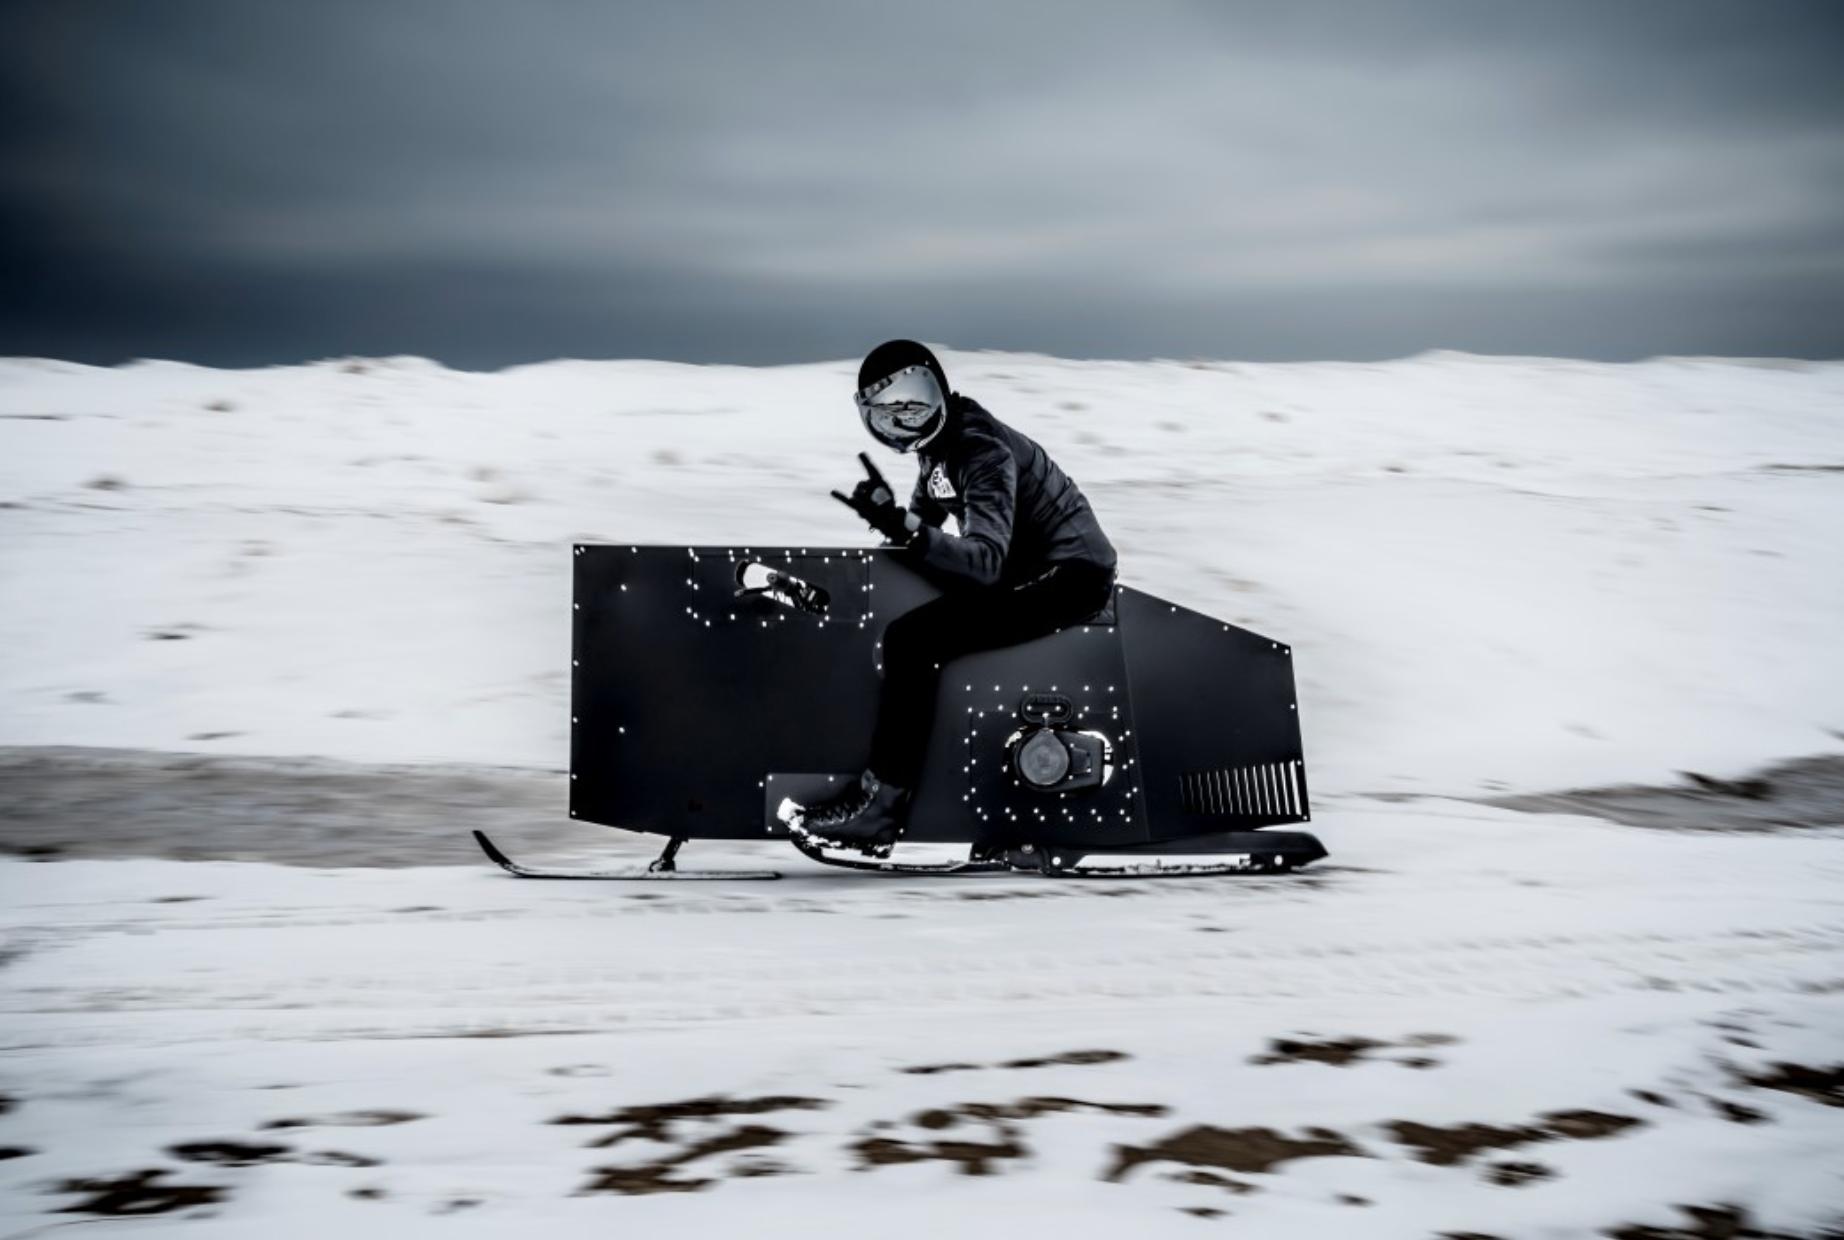 J.RUITER工作室打造未来雪地摩托车,《星球大战》在它面前也不过如此